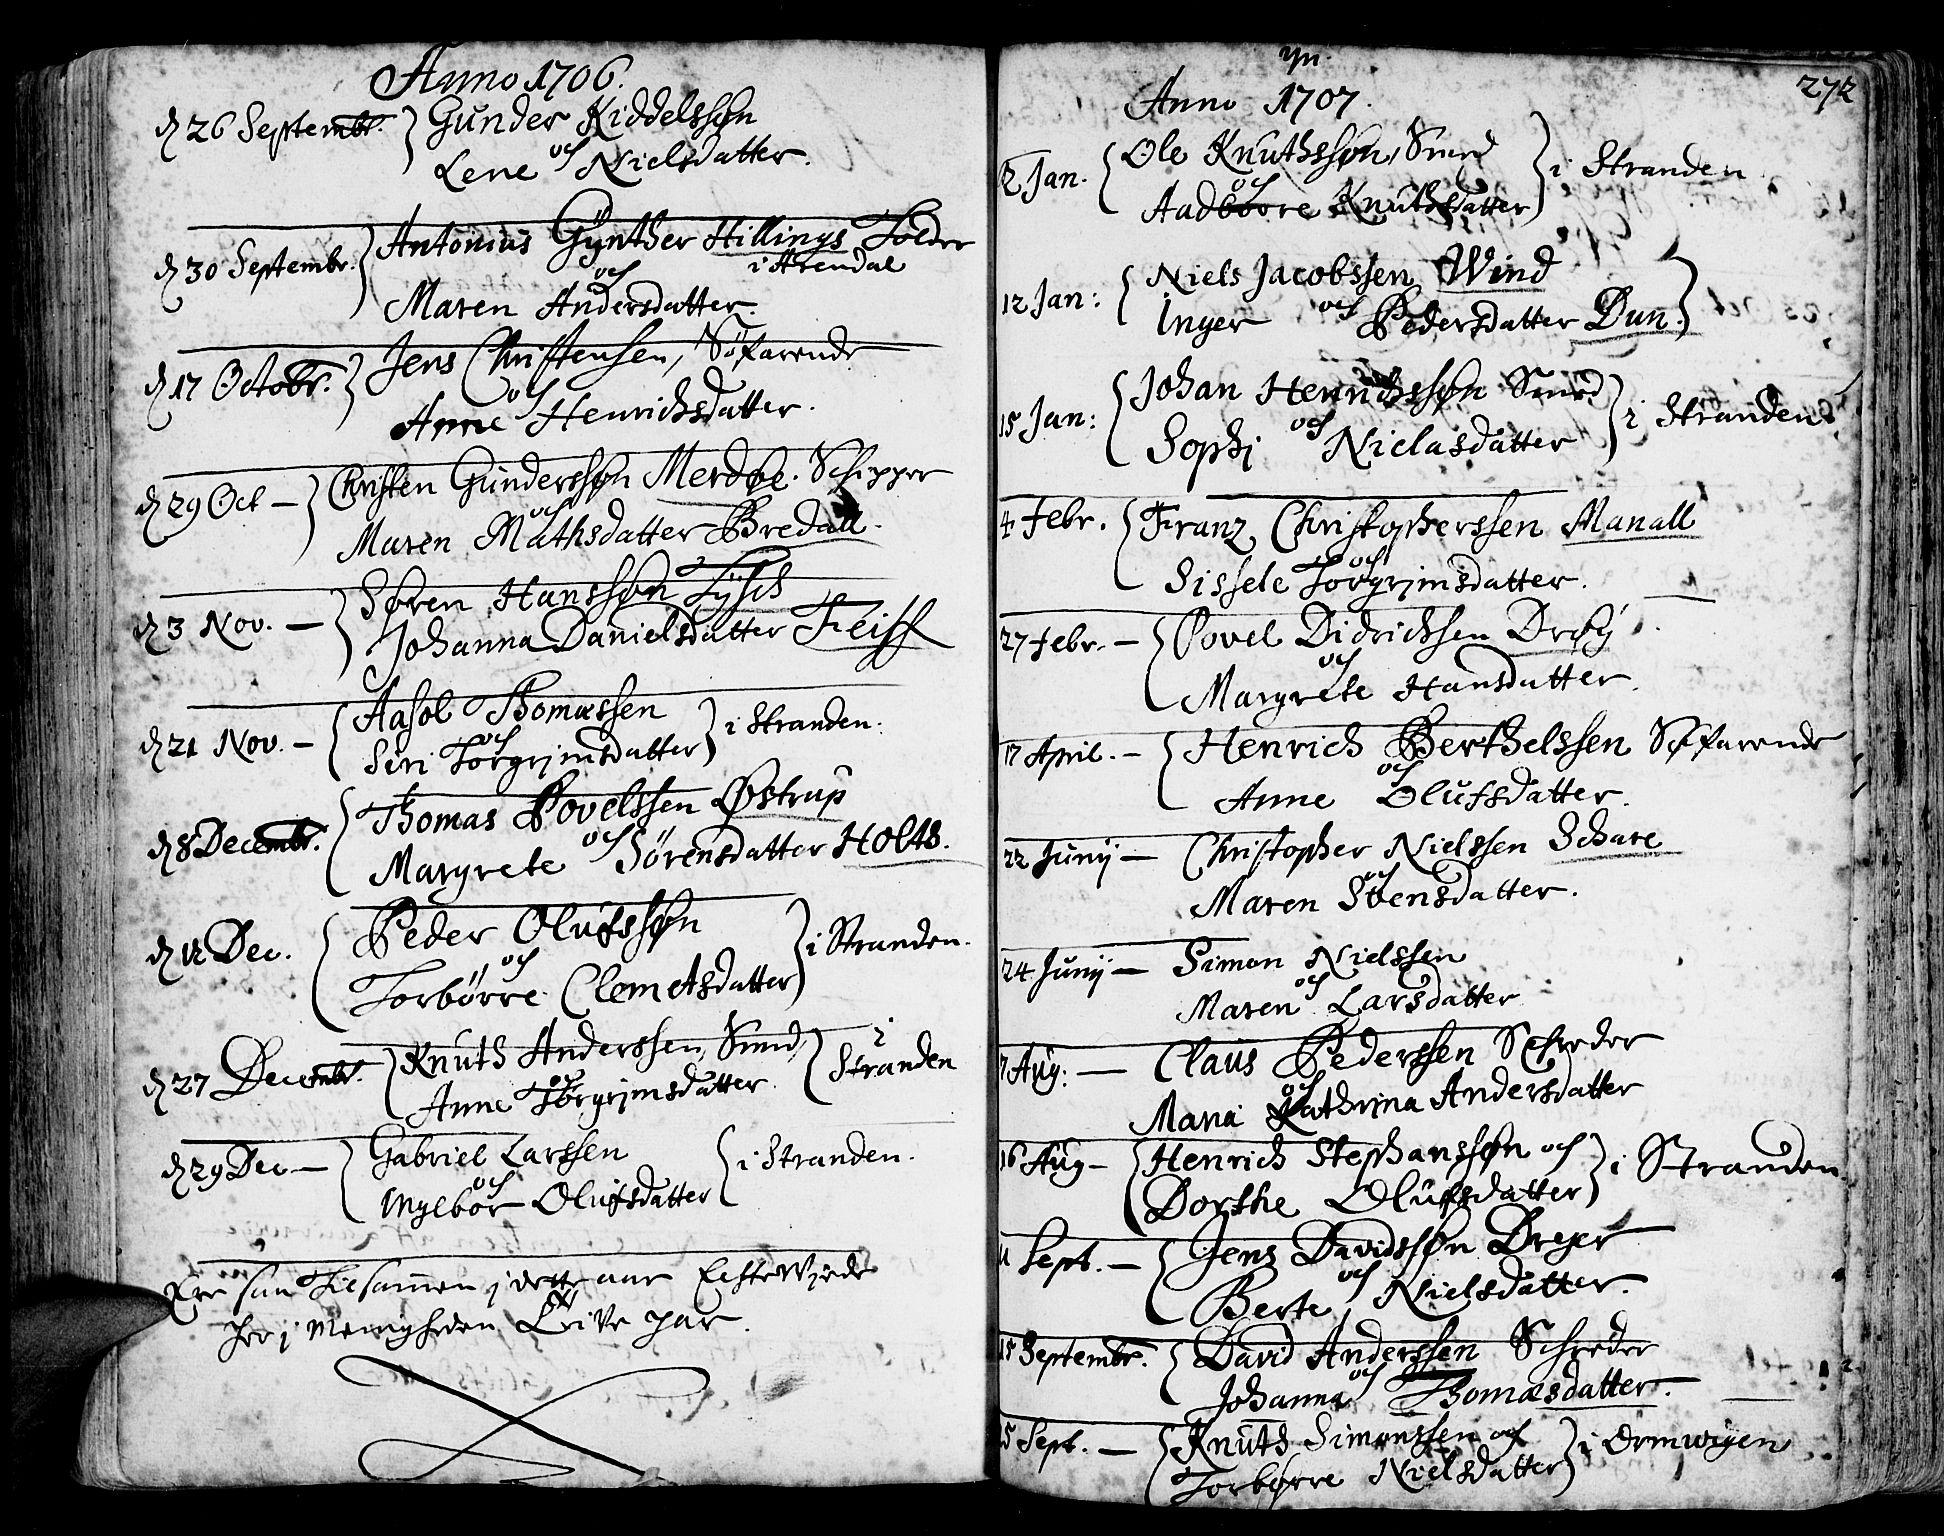 SAK, Arendal sokneprestkontor, Trefoldighet, F/Fa/L0001: Ministerialbok nr. A 1, 1703-1815, s. 348